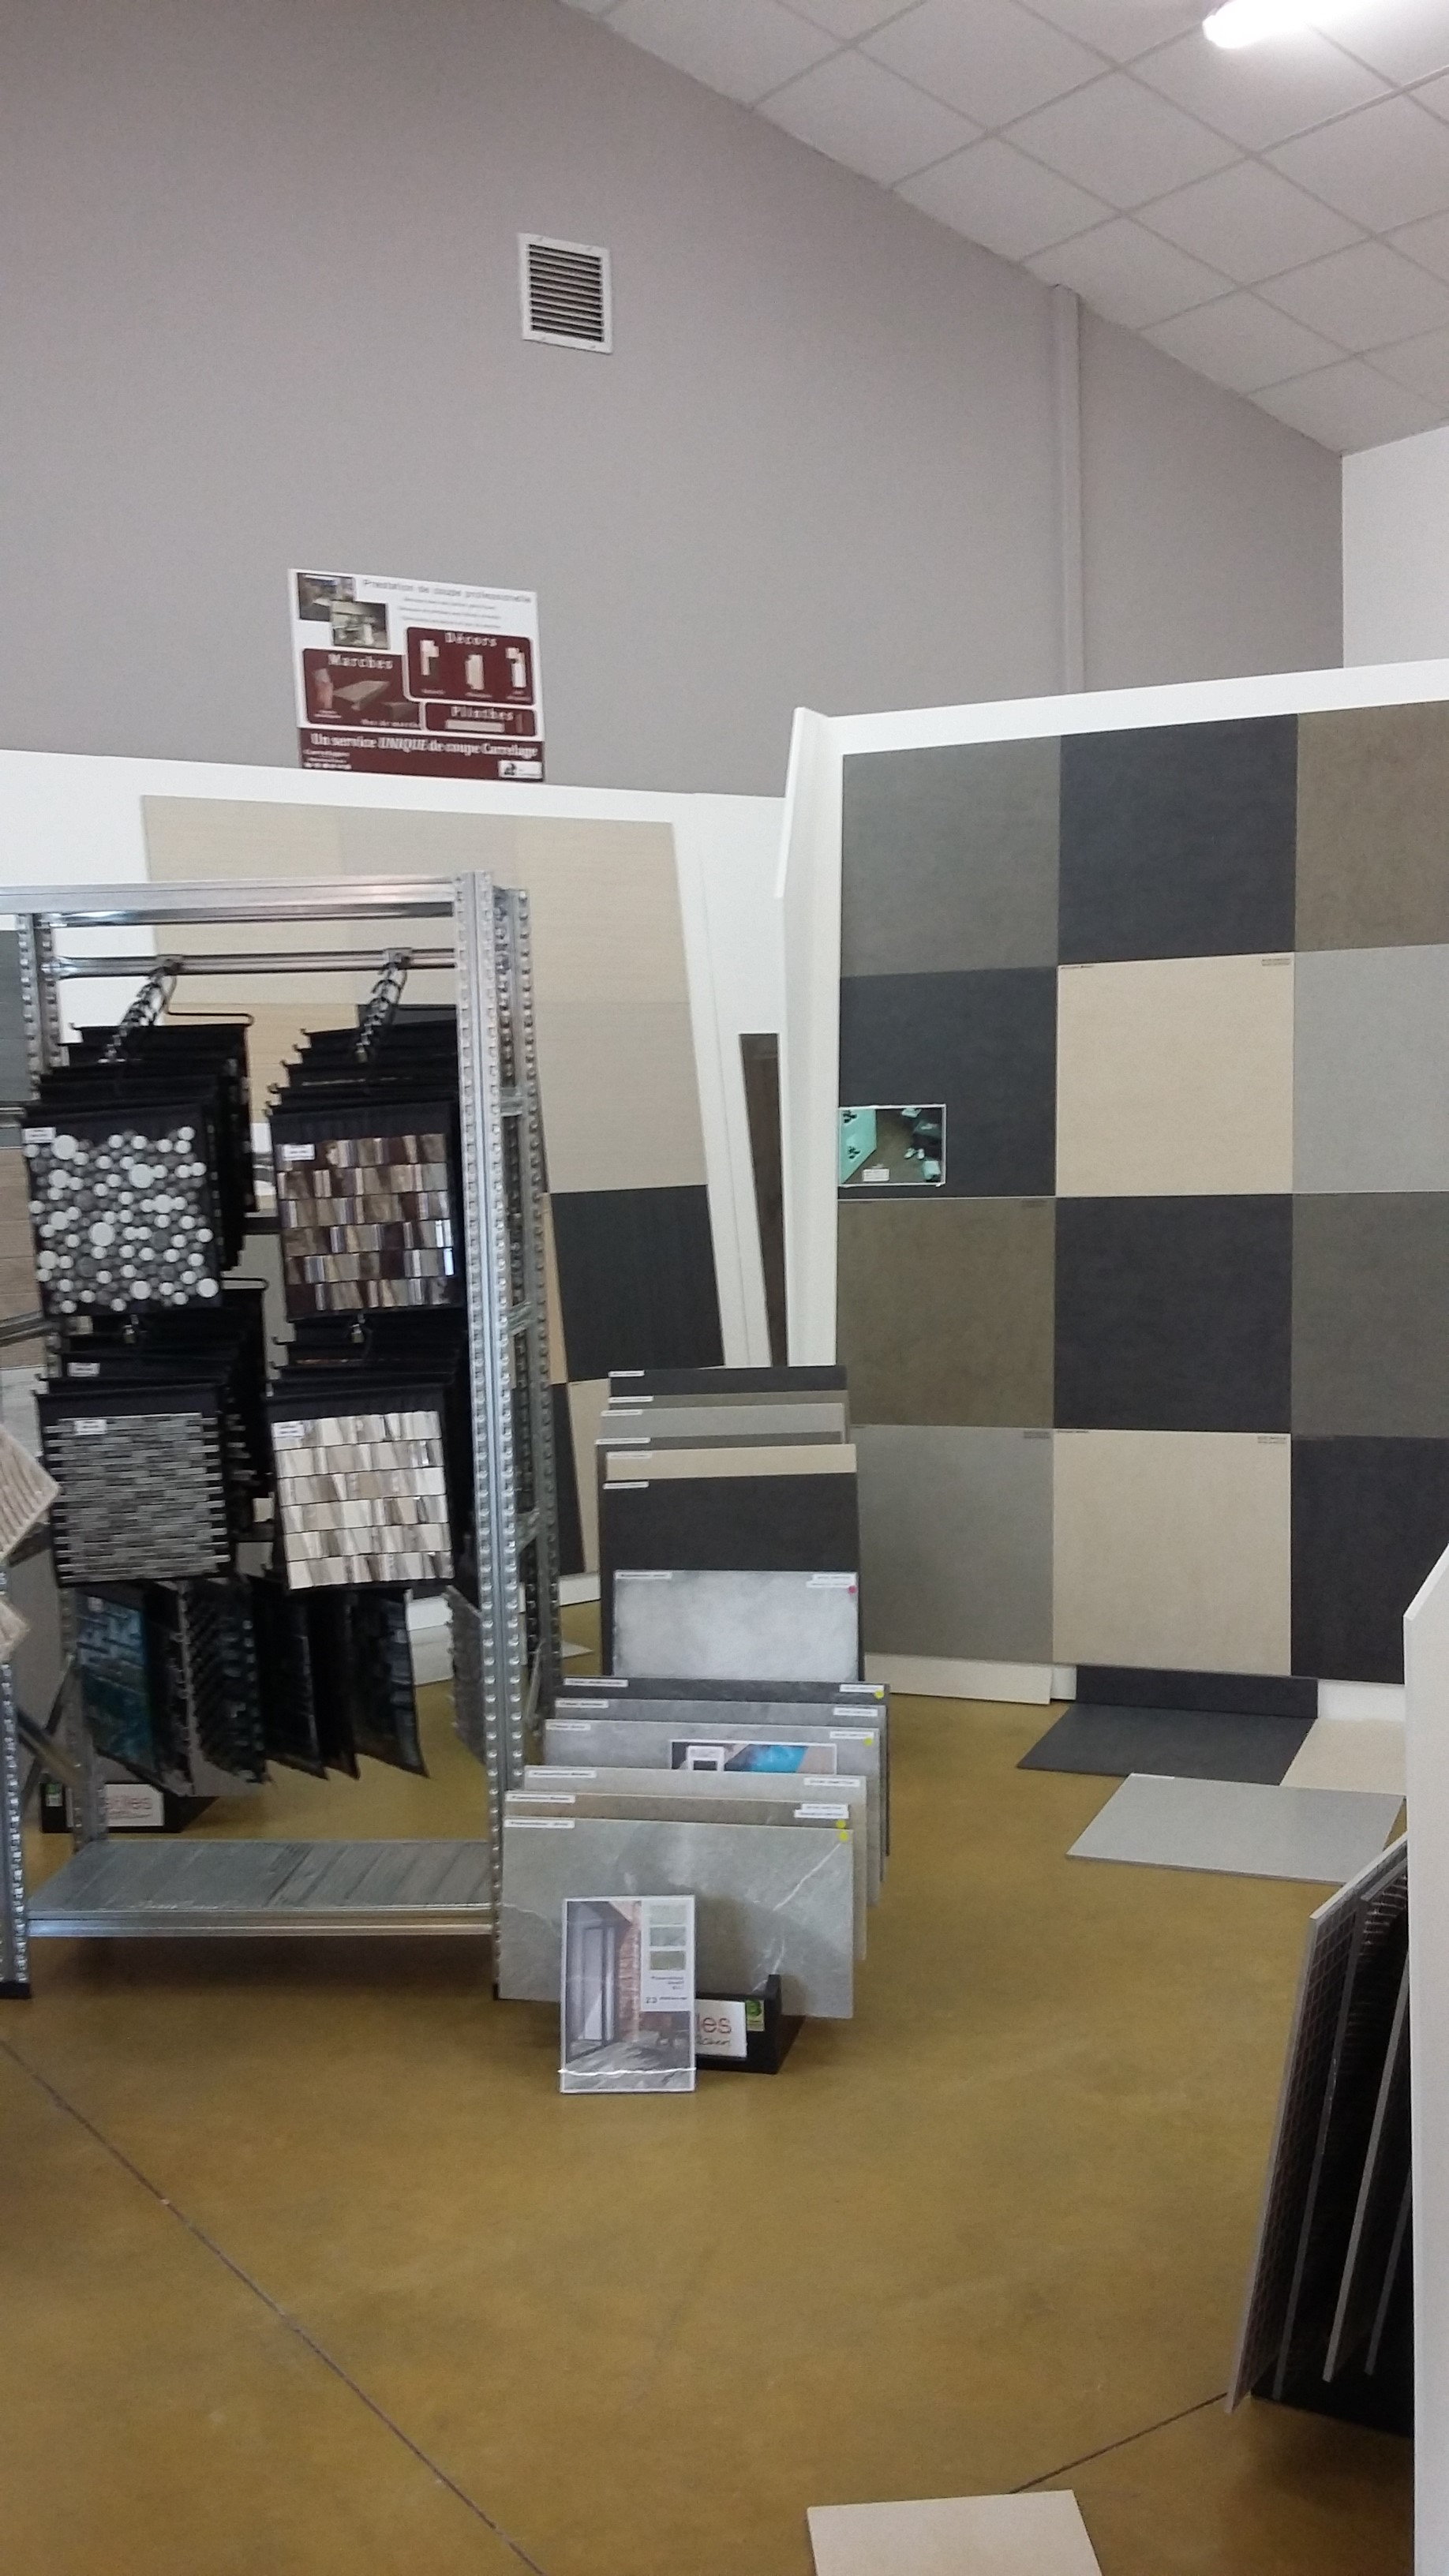 magasin de carrelage agneaux. Black Bedroom Furniture Sets. Home Design Ideas